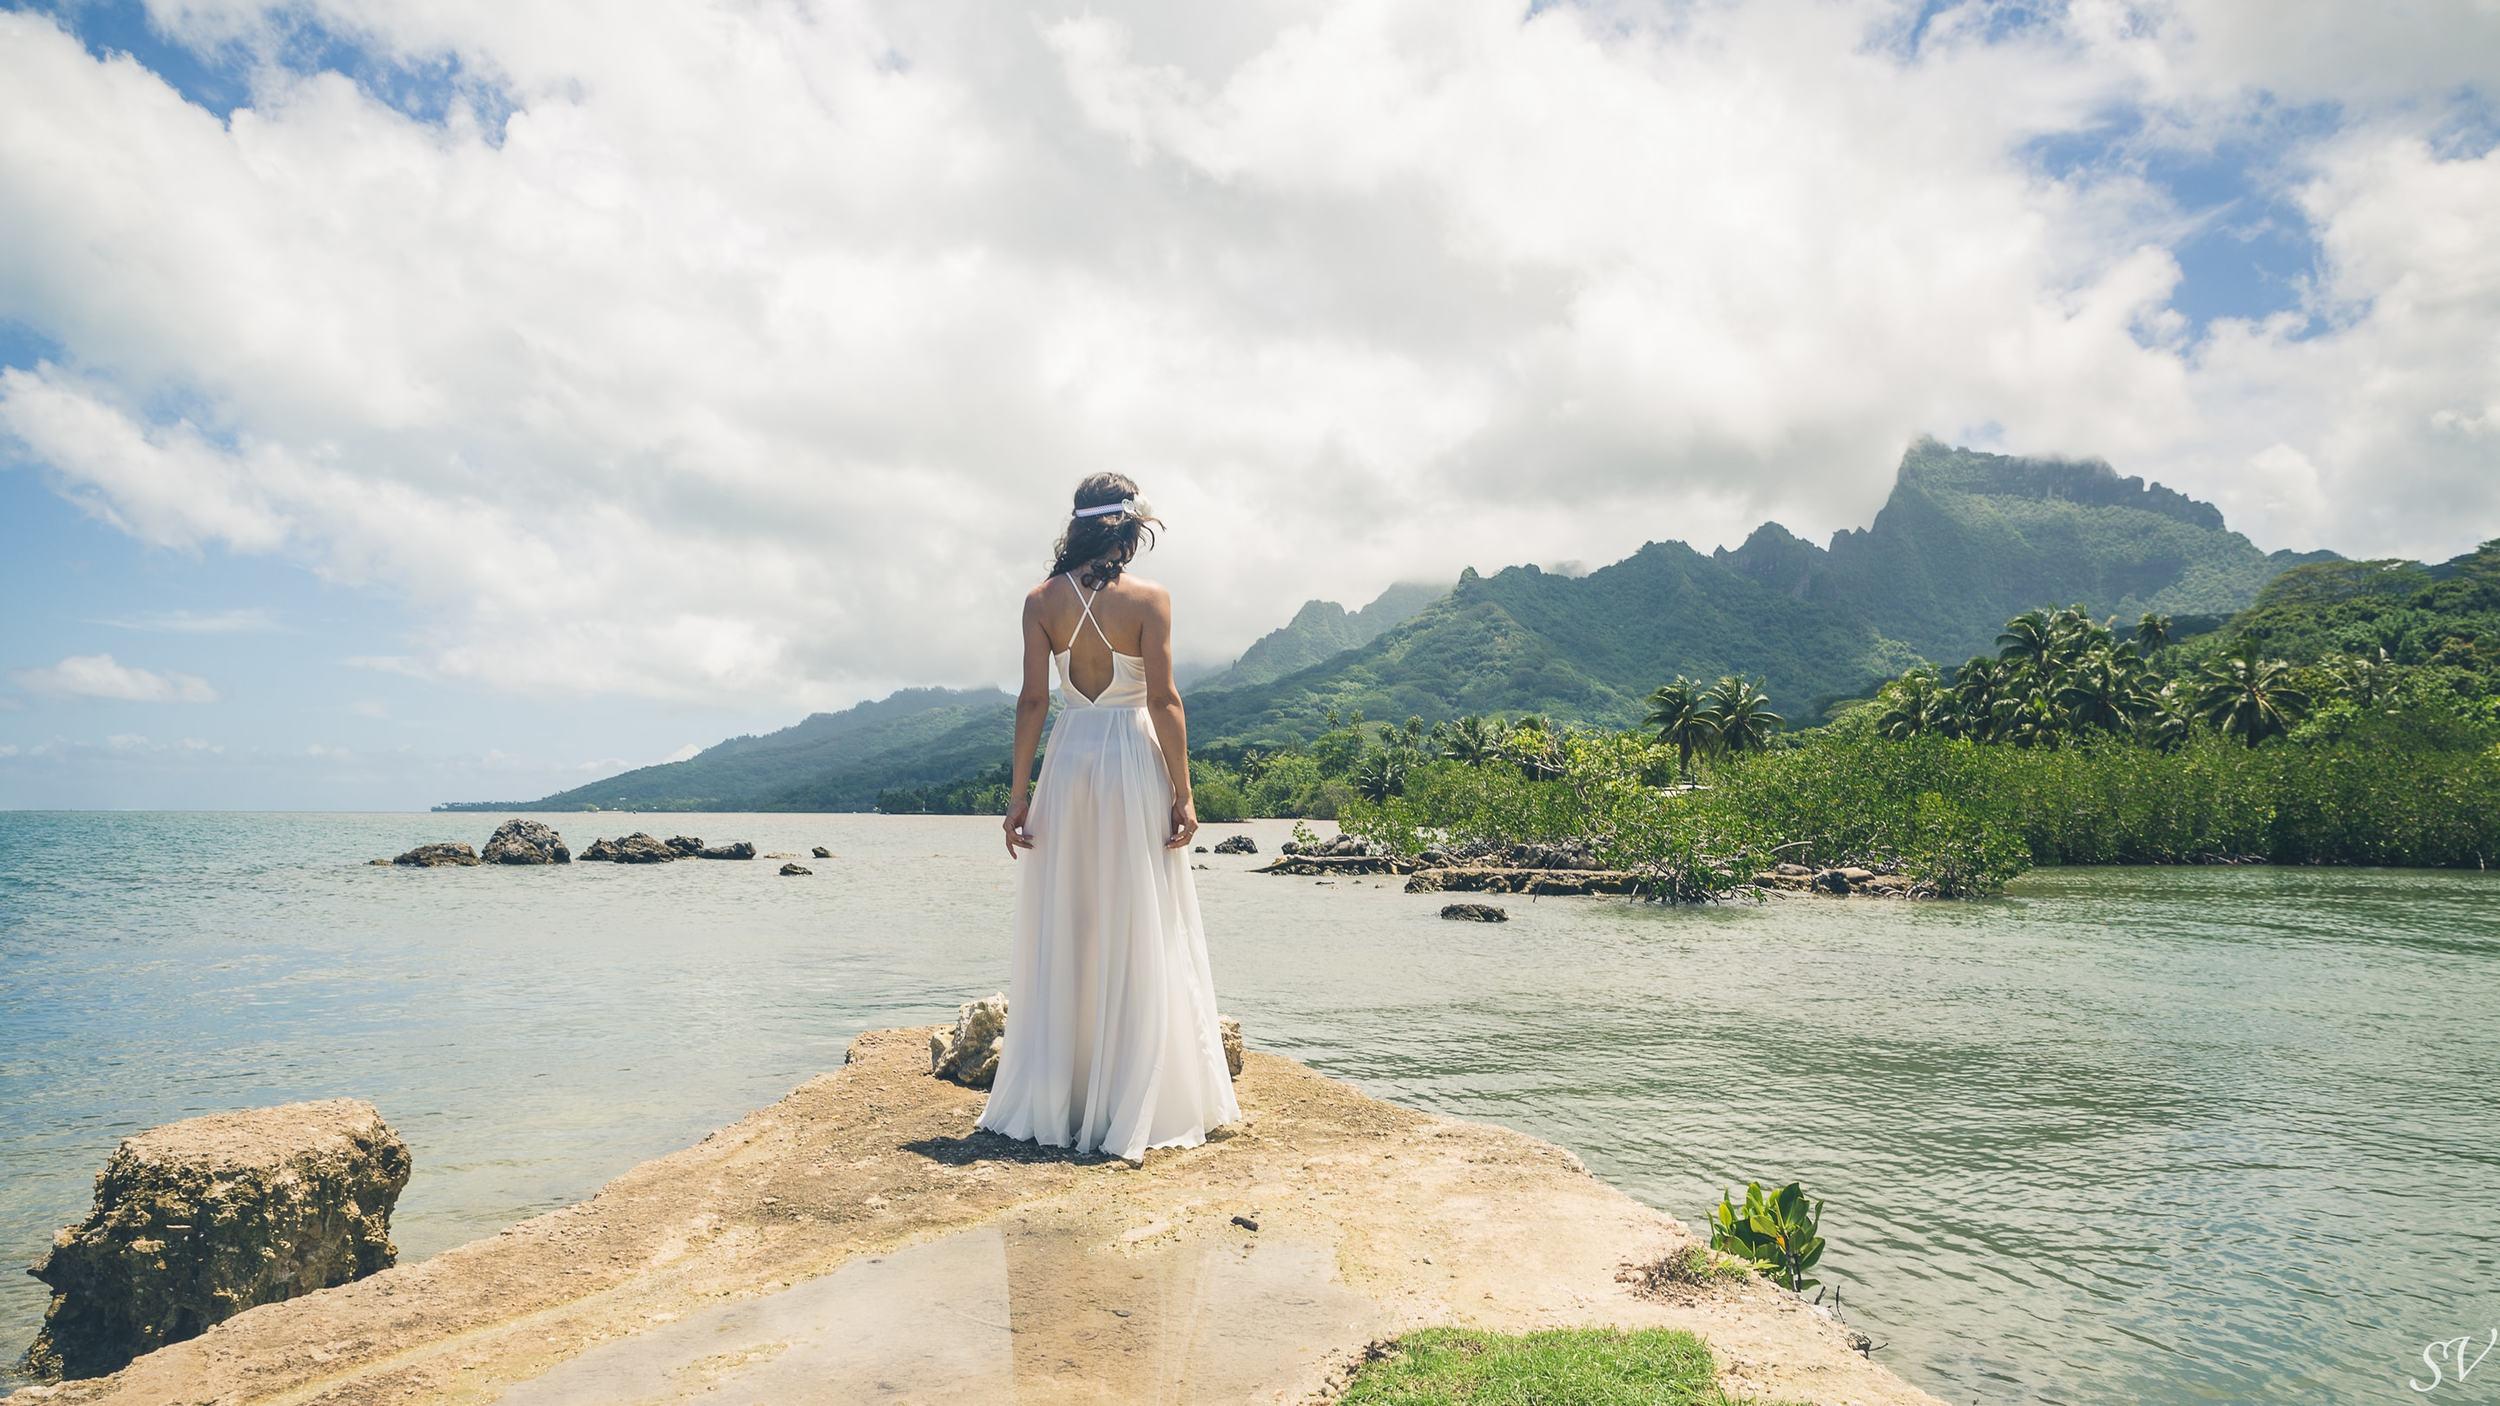 Bridal photo shoot in Moorea